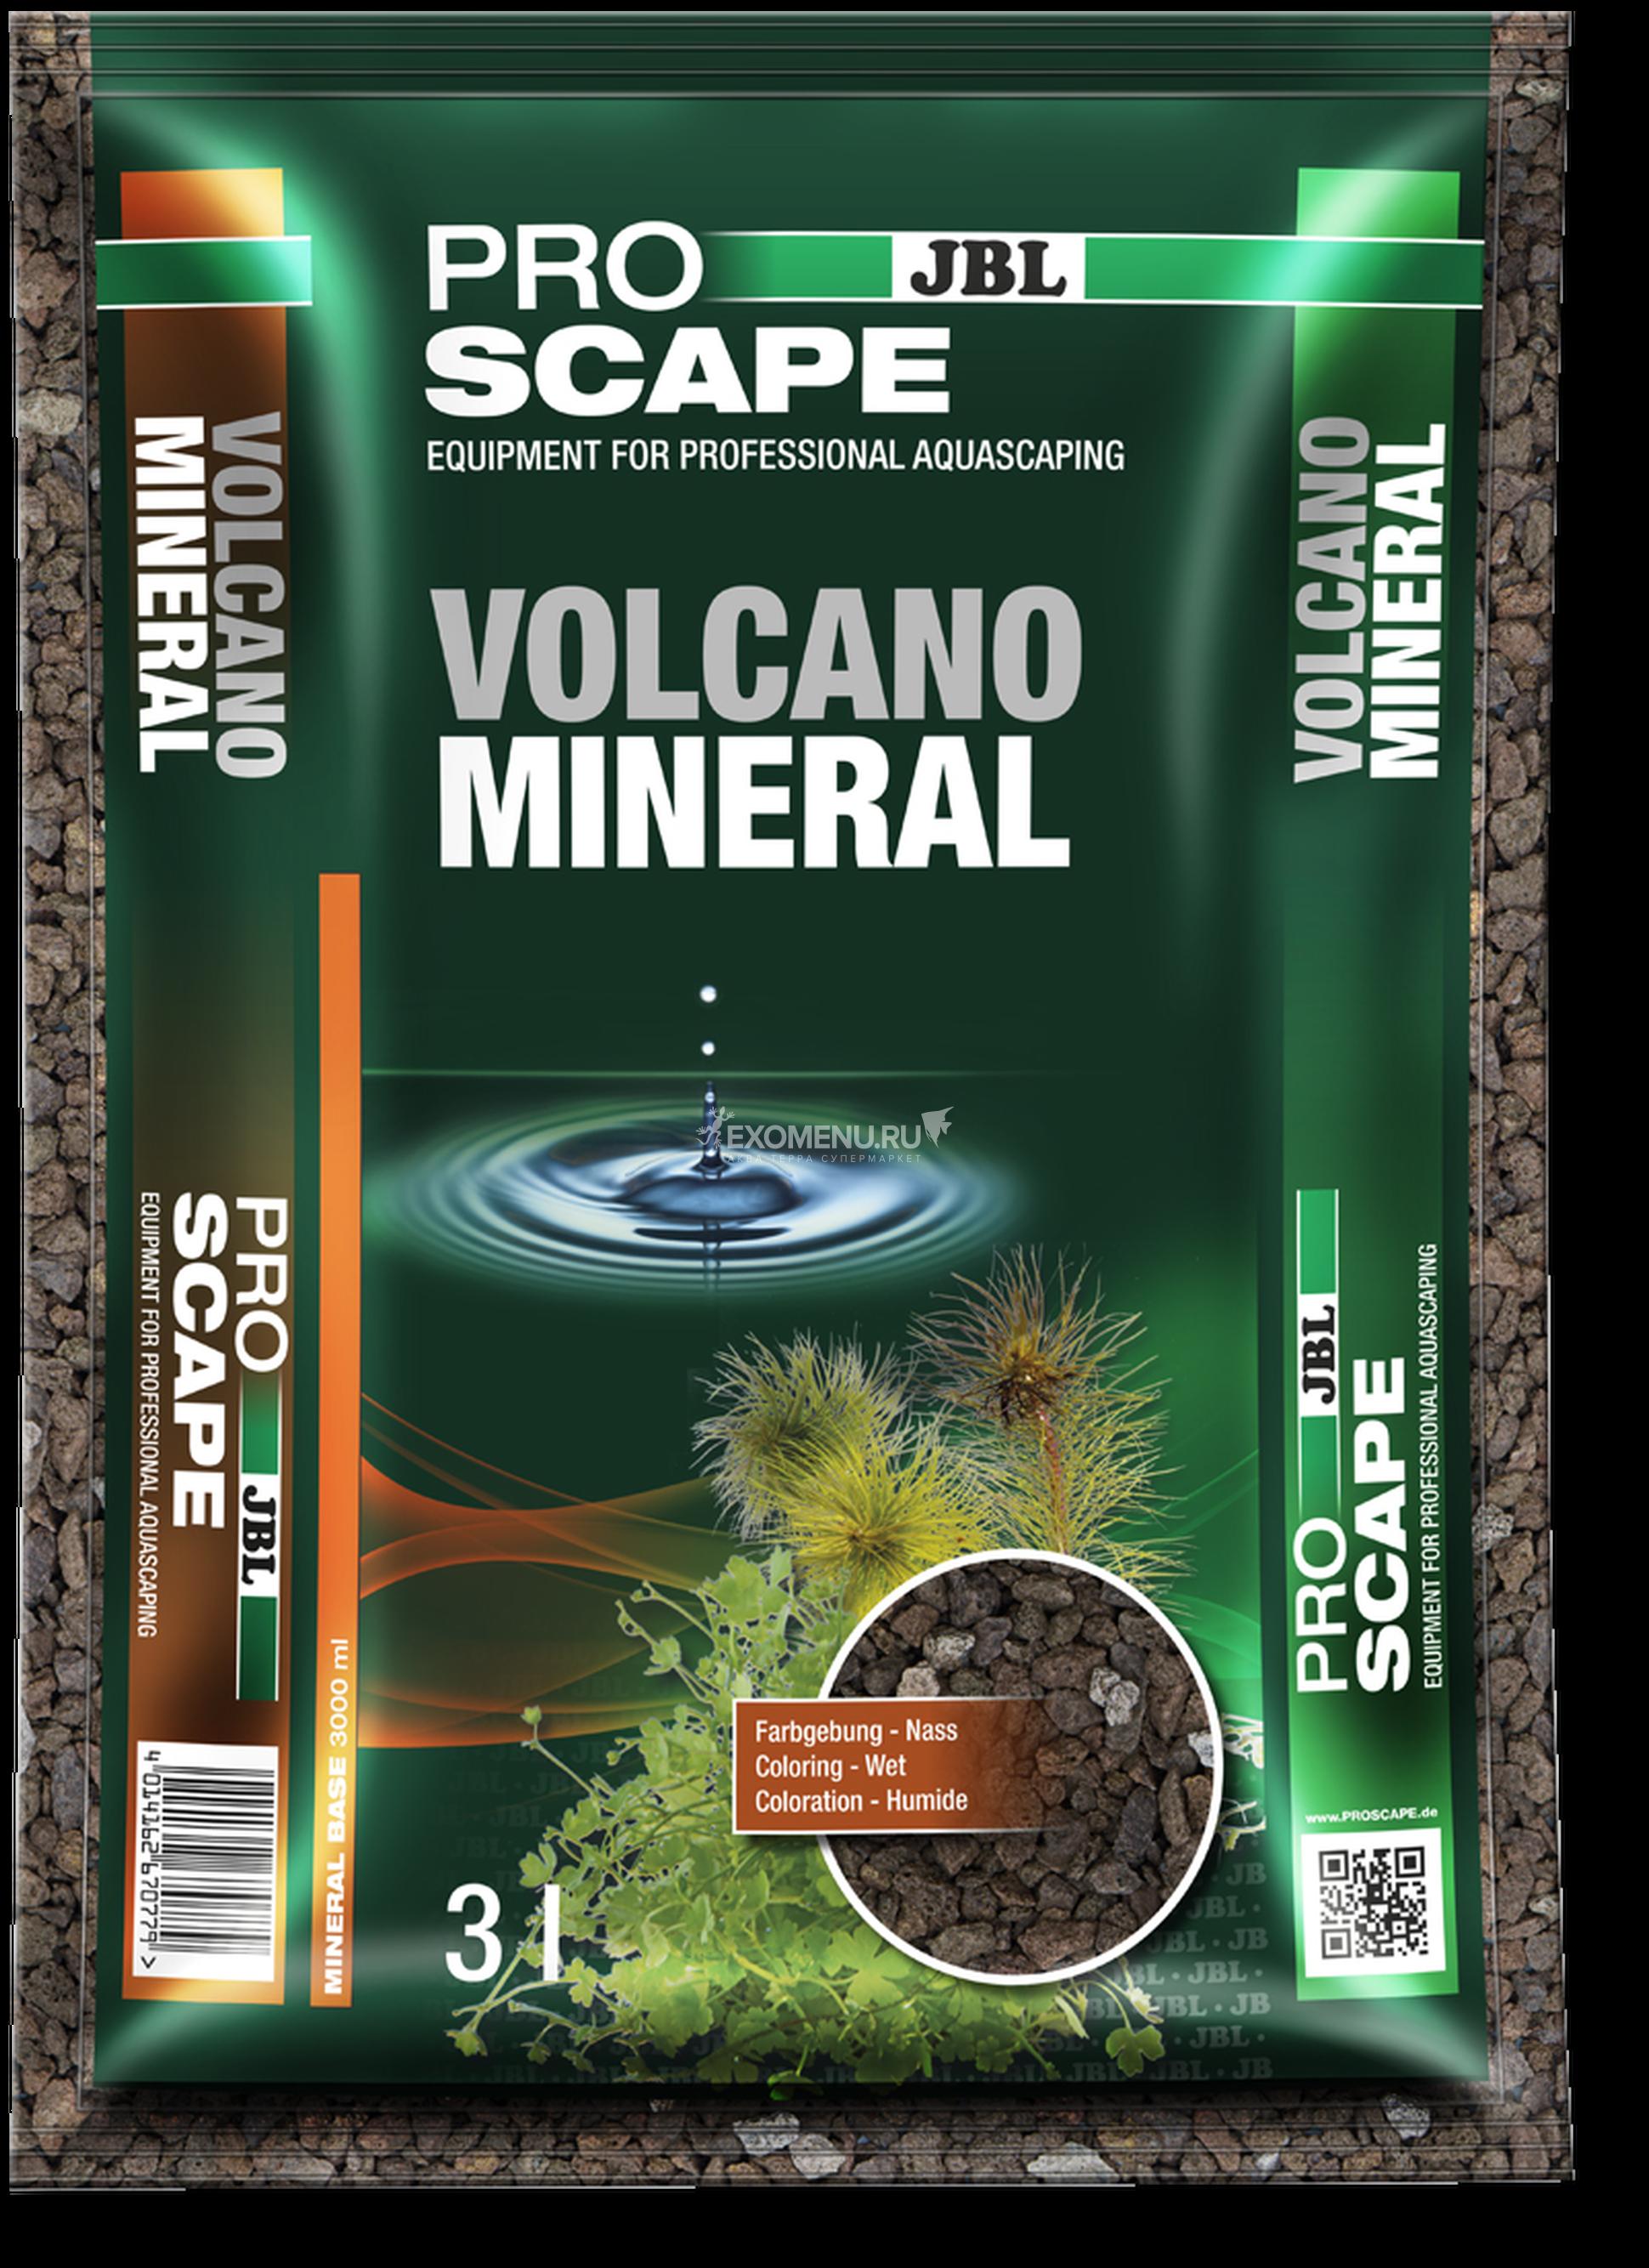 JBL ProScape Volcano Mineral - Натуральный вулканический грунт для акваскейпинга, 3 л фото